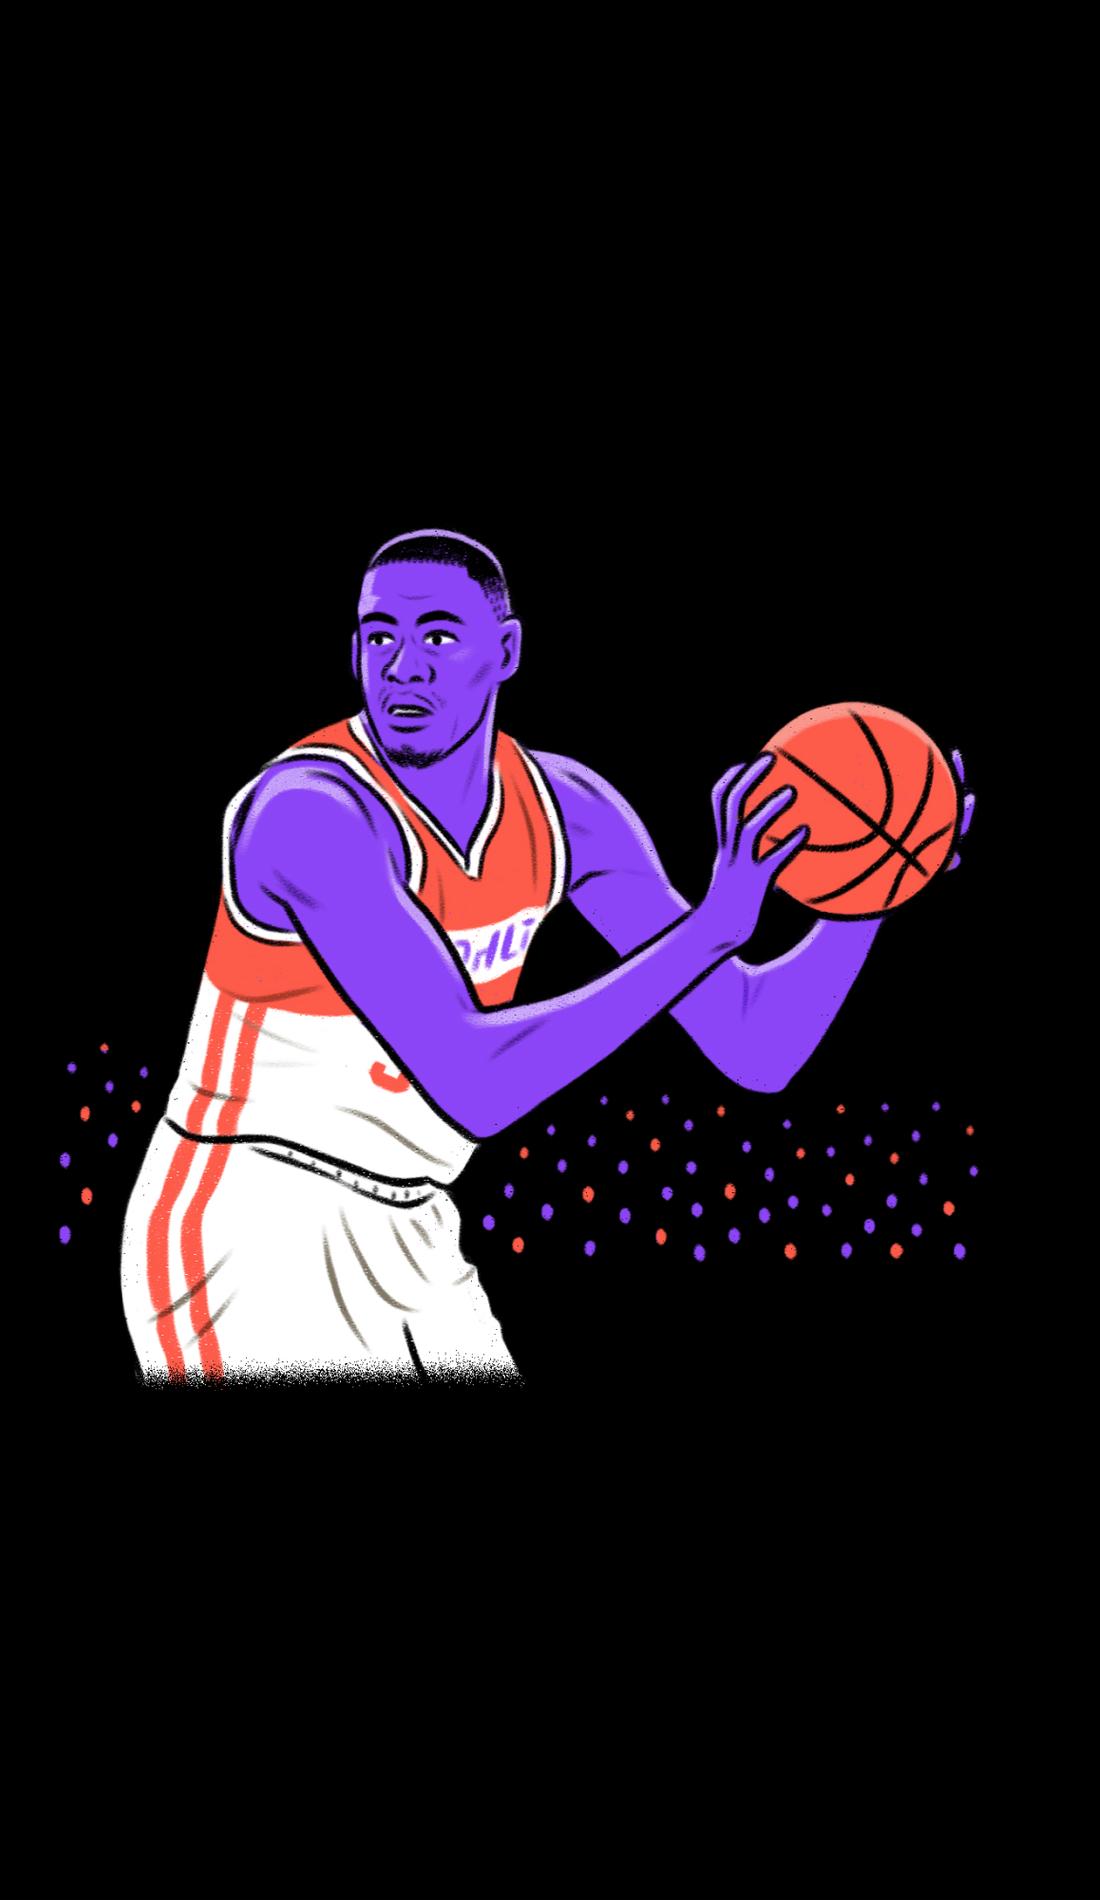 A Presbyterian Blue Hose Basketball live event